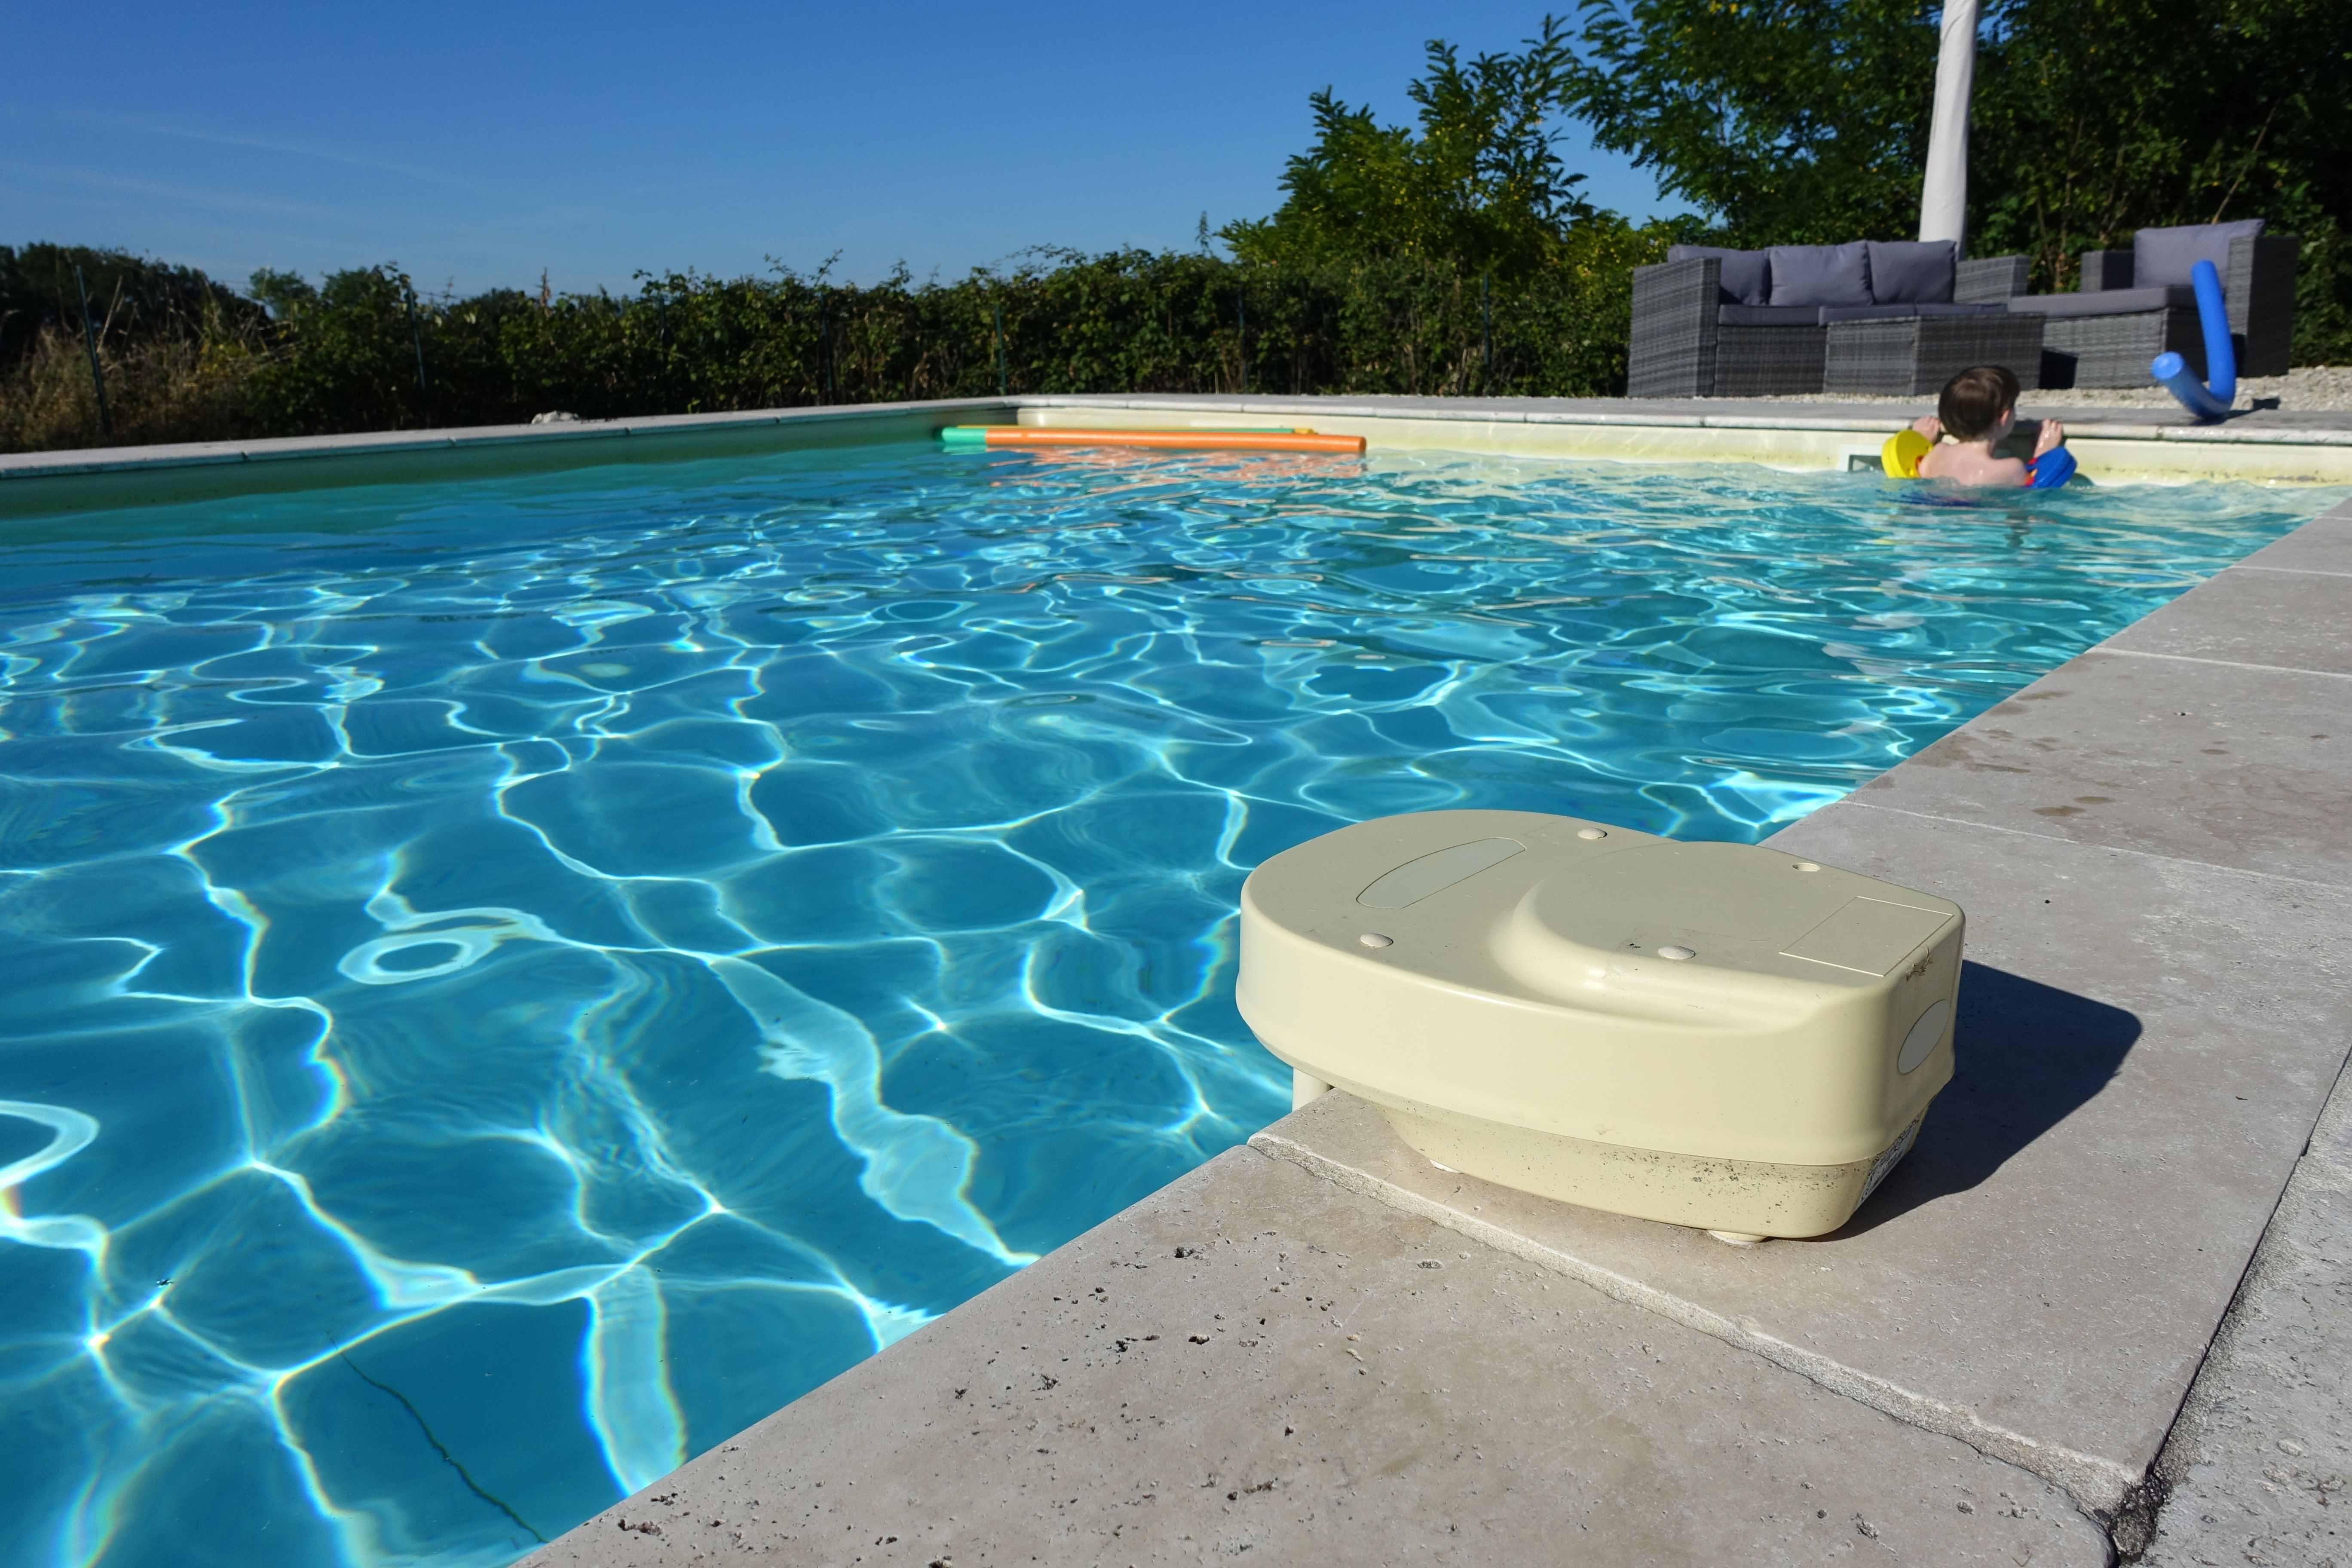 Comment choisir son alarme de piscine